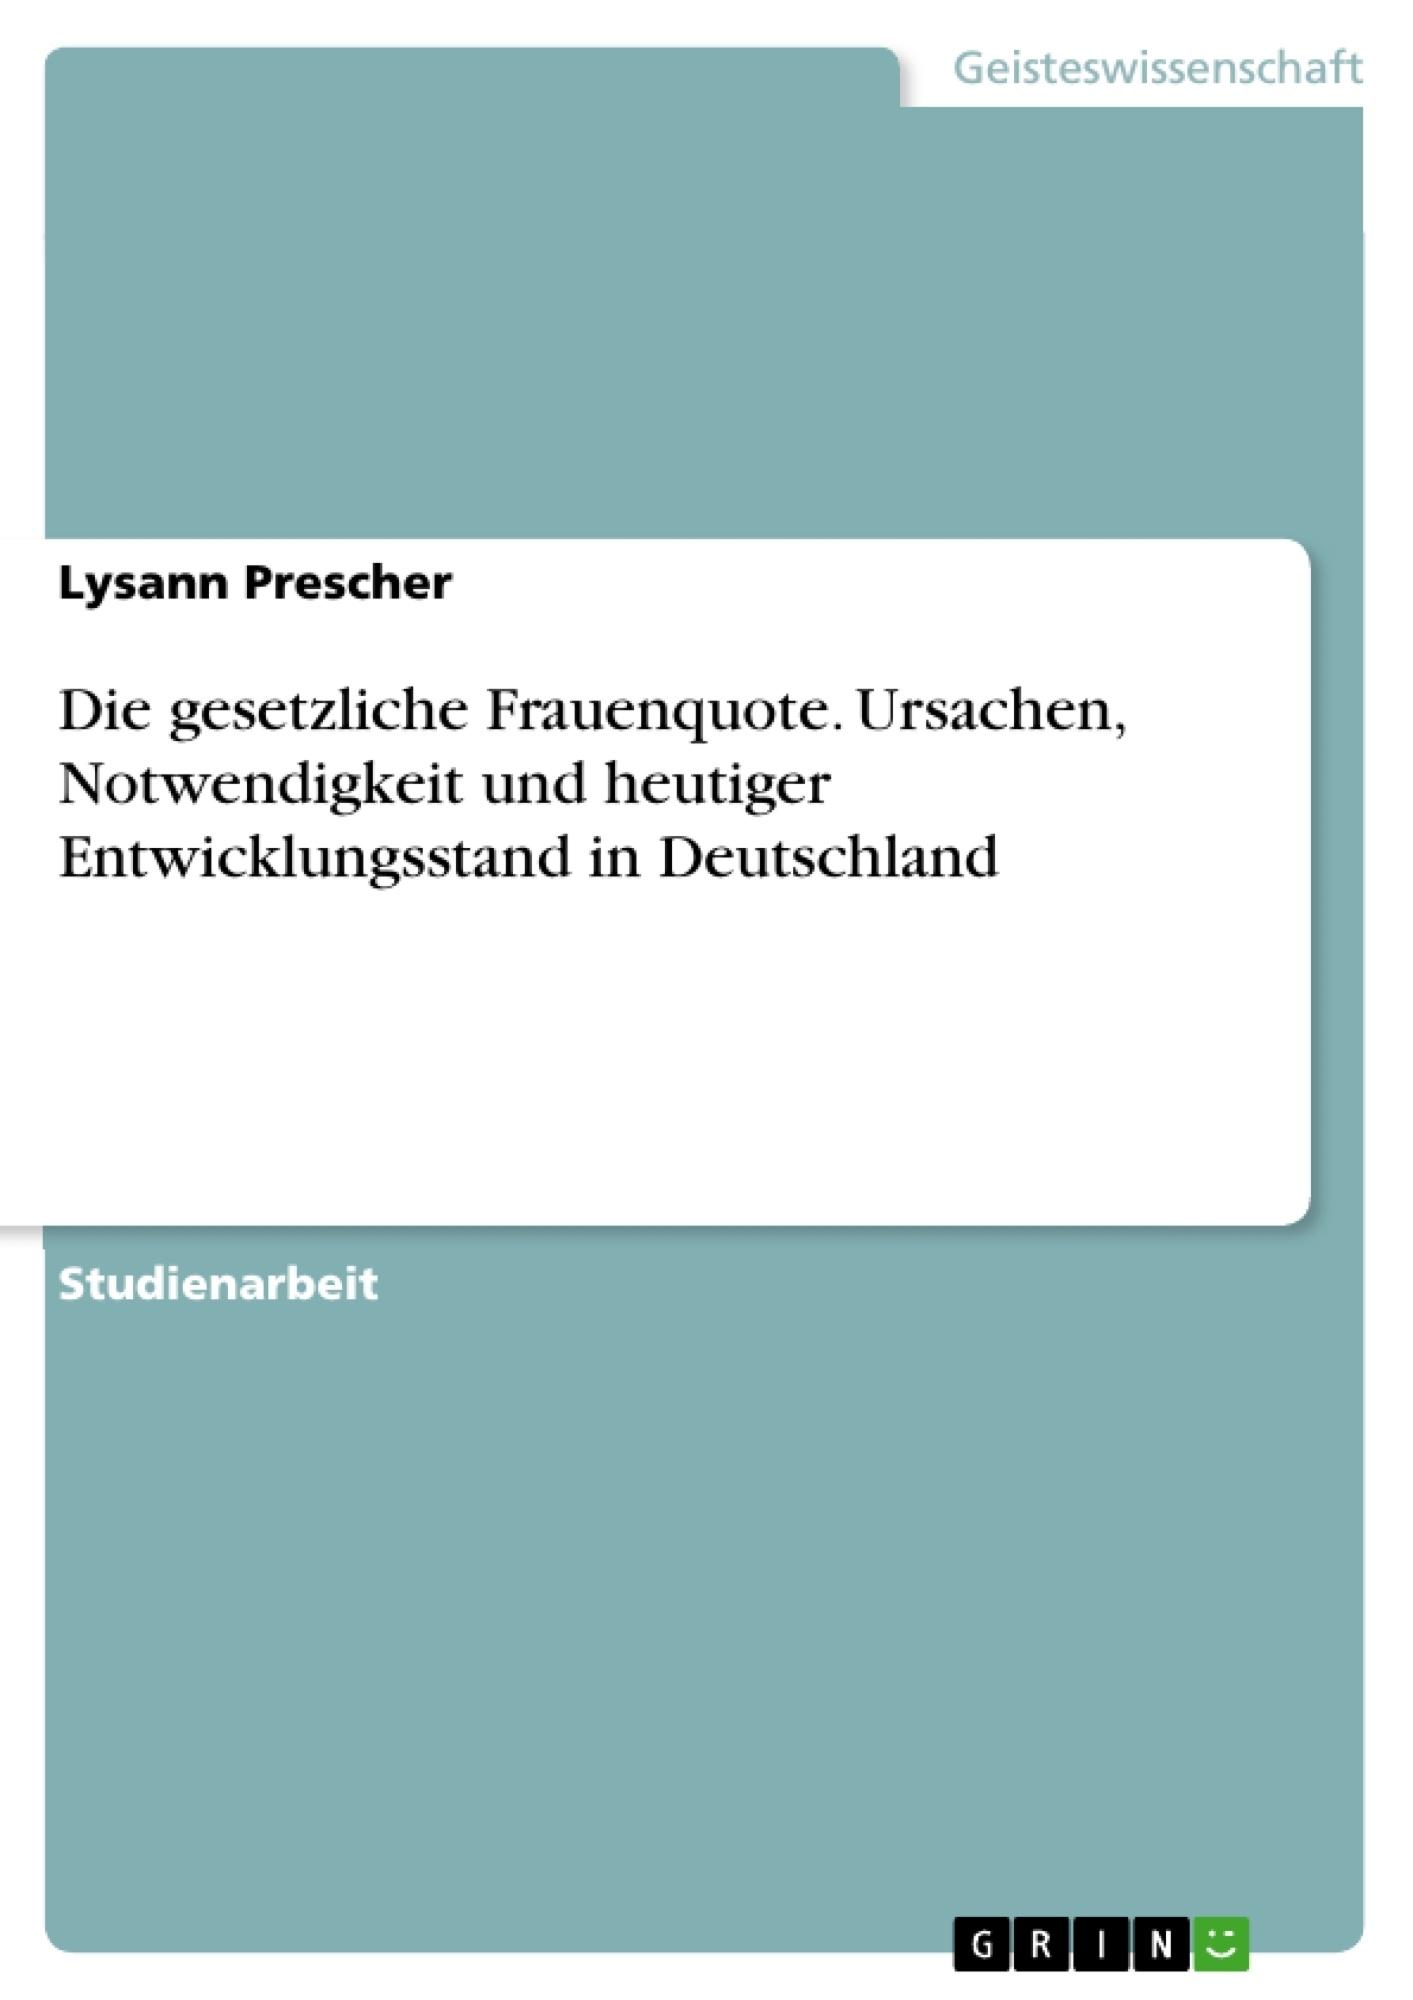 Titel: Die gesetzliche Frauenquote. Ursachen, Notwendigkeit und heutiger Entwicklungsstand in Deutschland